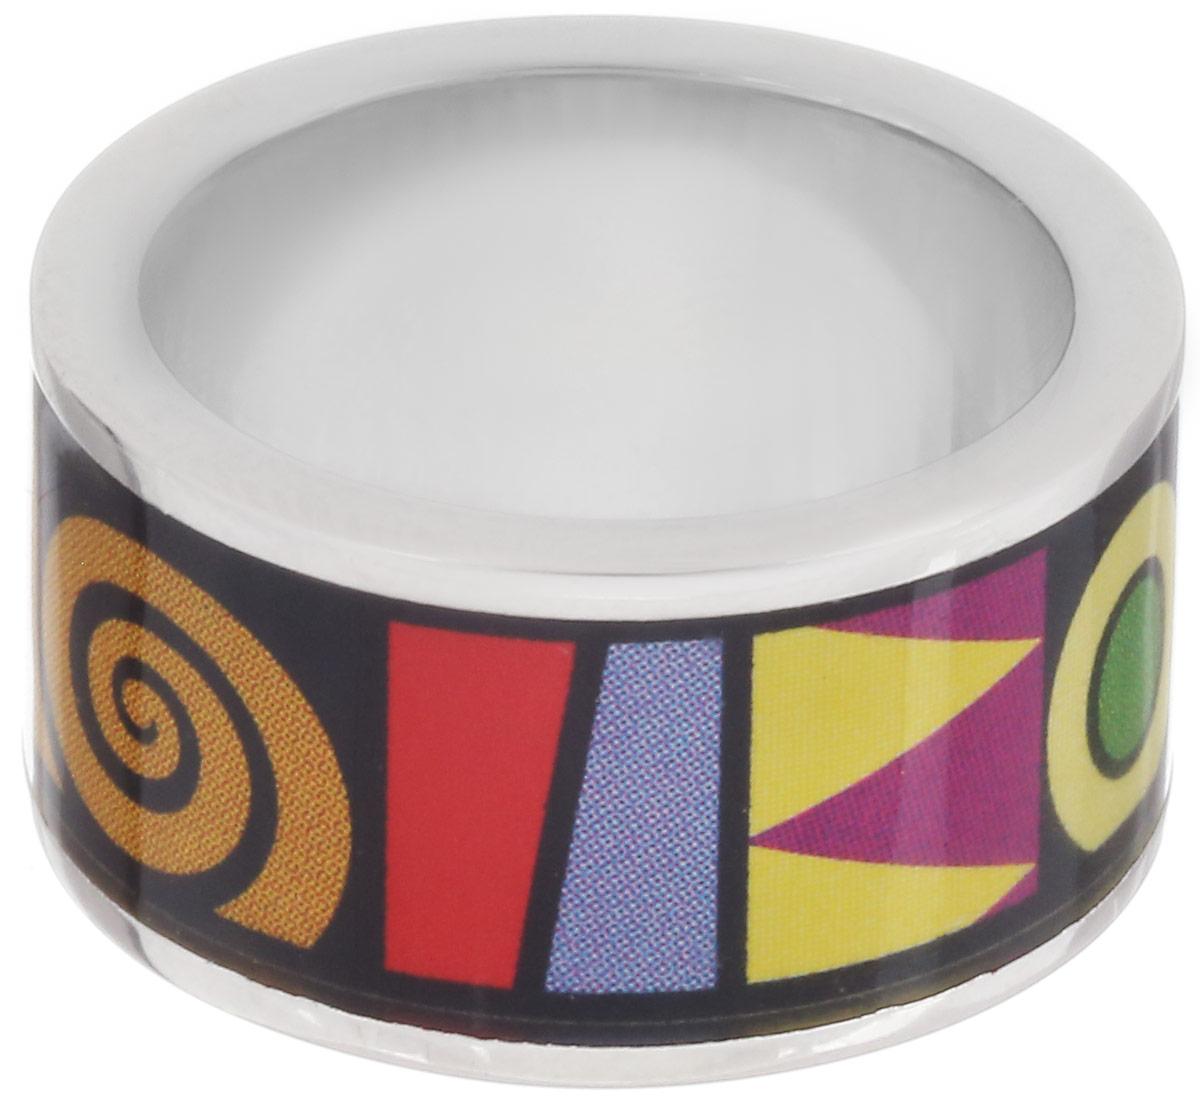 Кольцо Art-Silver, цвет: серебристый, черный, мультиколор. ФК104-1-320. Размер 17,5ФК104-1-320Стильное кольцо Art-Silver изготовлено из бижутерного сплава. Изделие оформлено оригинальным принтом и покрыто эмалью. Стильное кольцо придаст вашему образу изюминку и подчеркнет индивидуальность.